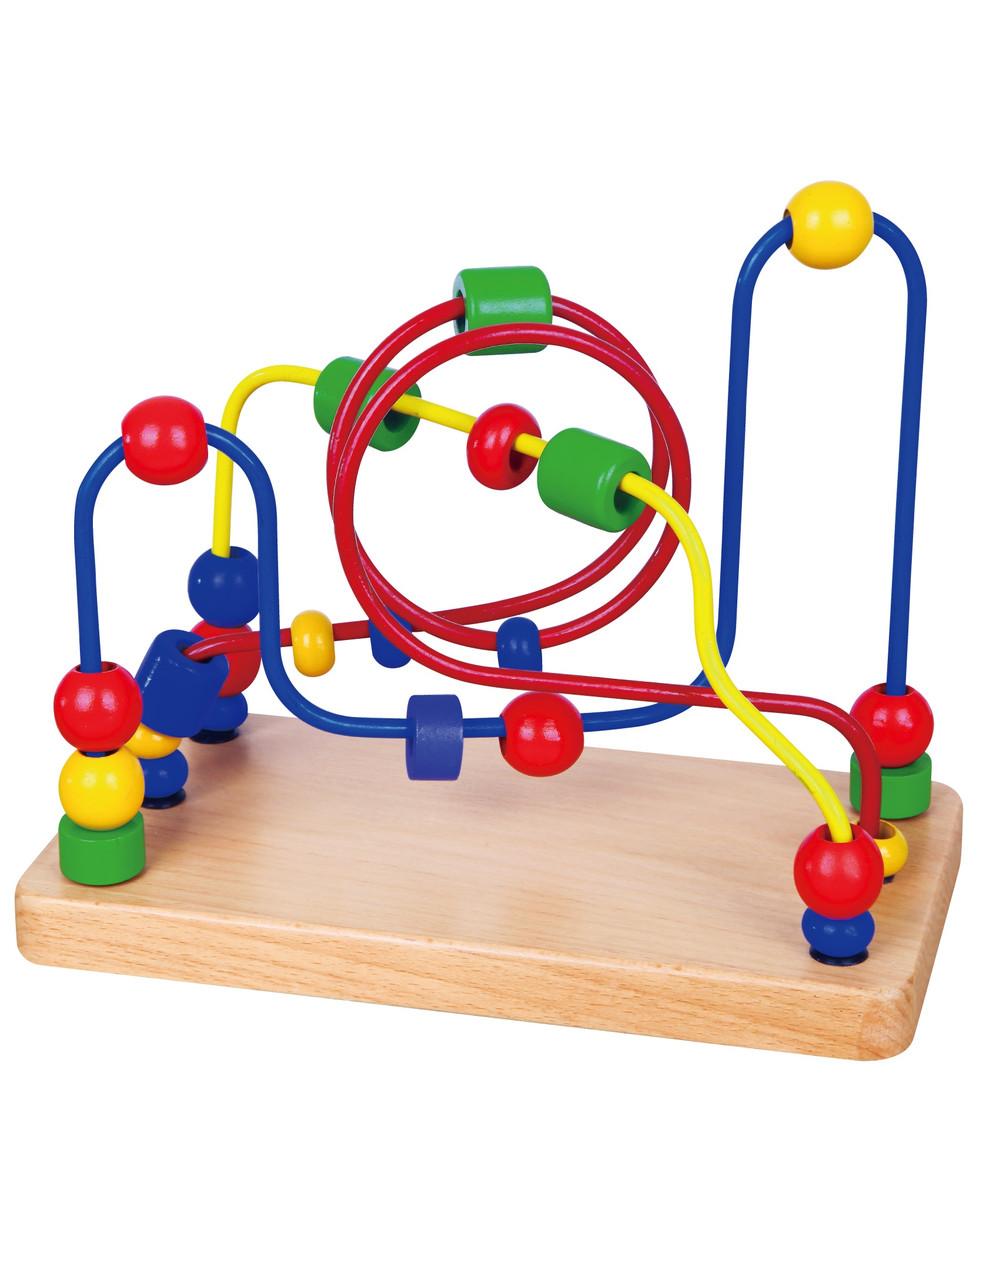 Развивающие и обучающие игрушки «Viga Toys» (56256) лабиринт Бусинки